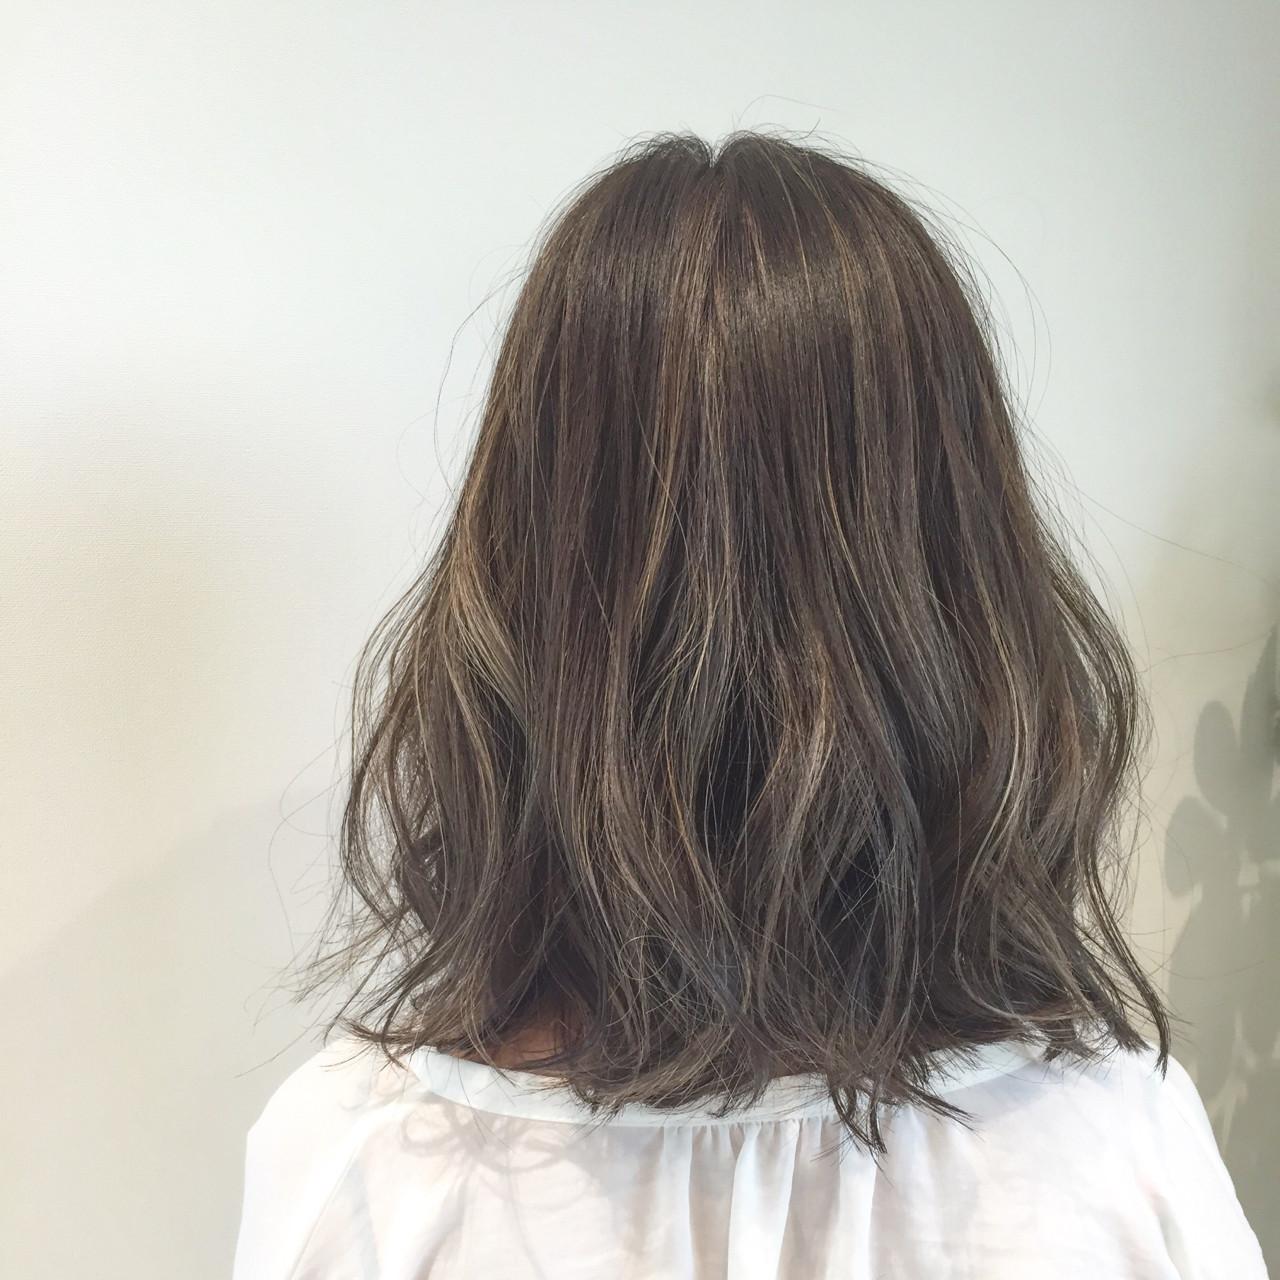 ハイライト ナチュラル 切りっぱなし ボブ ヘアスタイルや髪型の写真・画像 | Wataru Kitazawa / hair&nail IVY